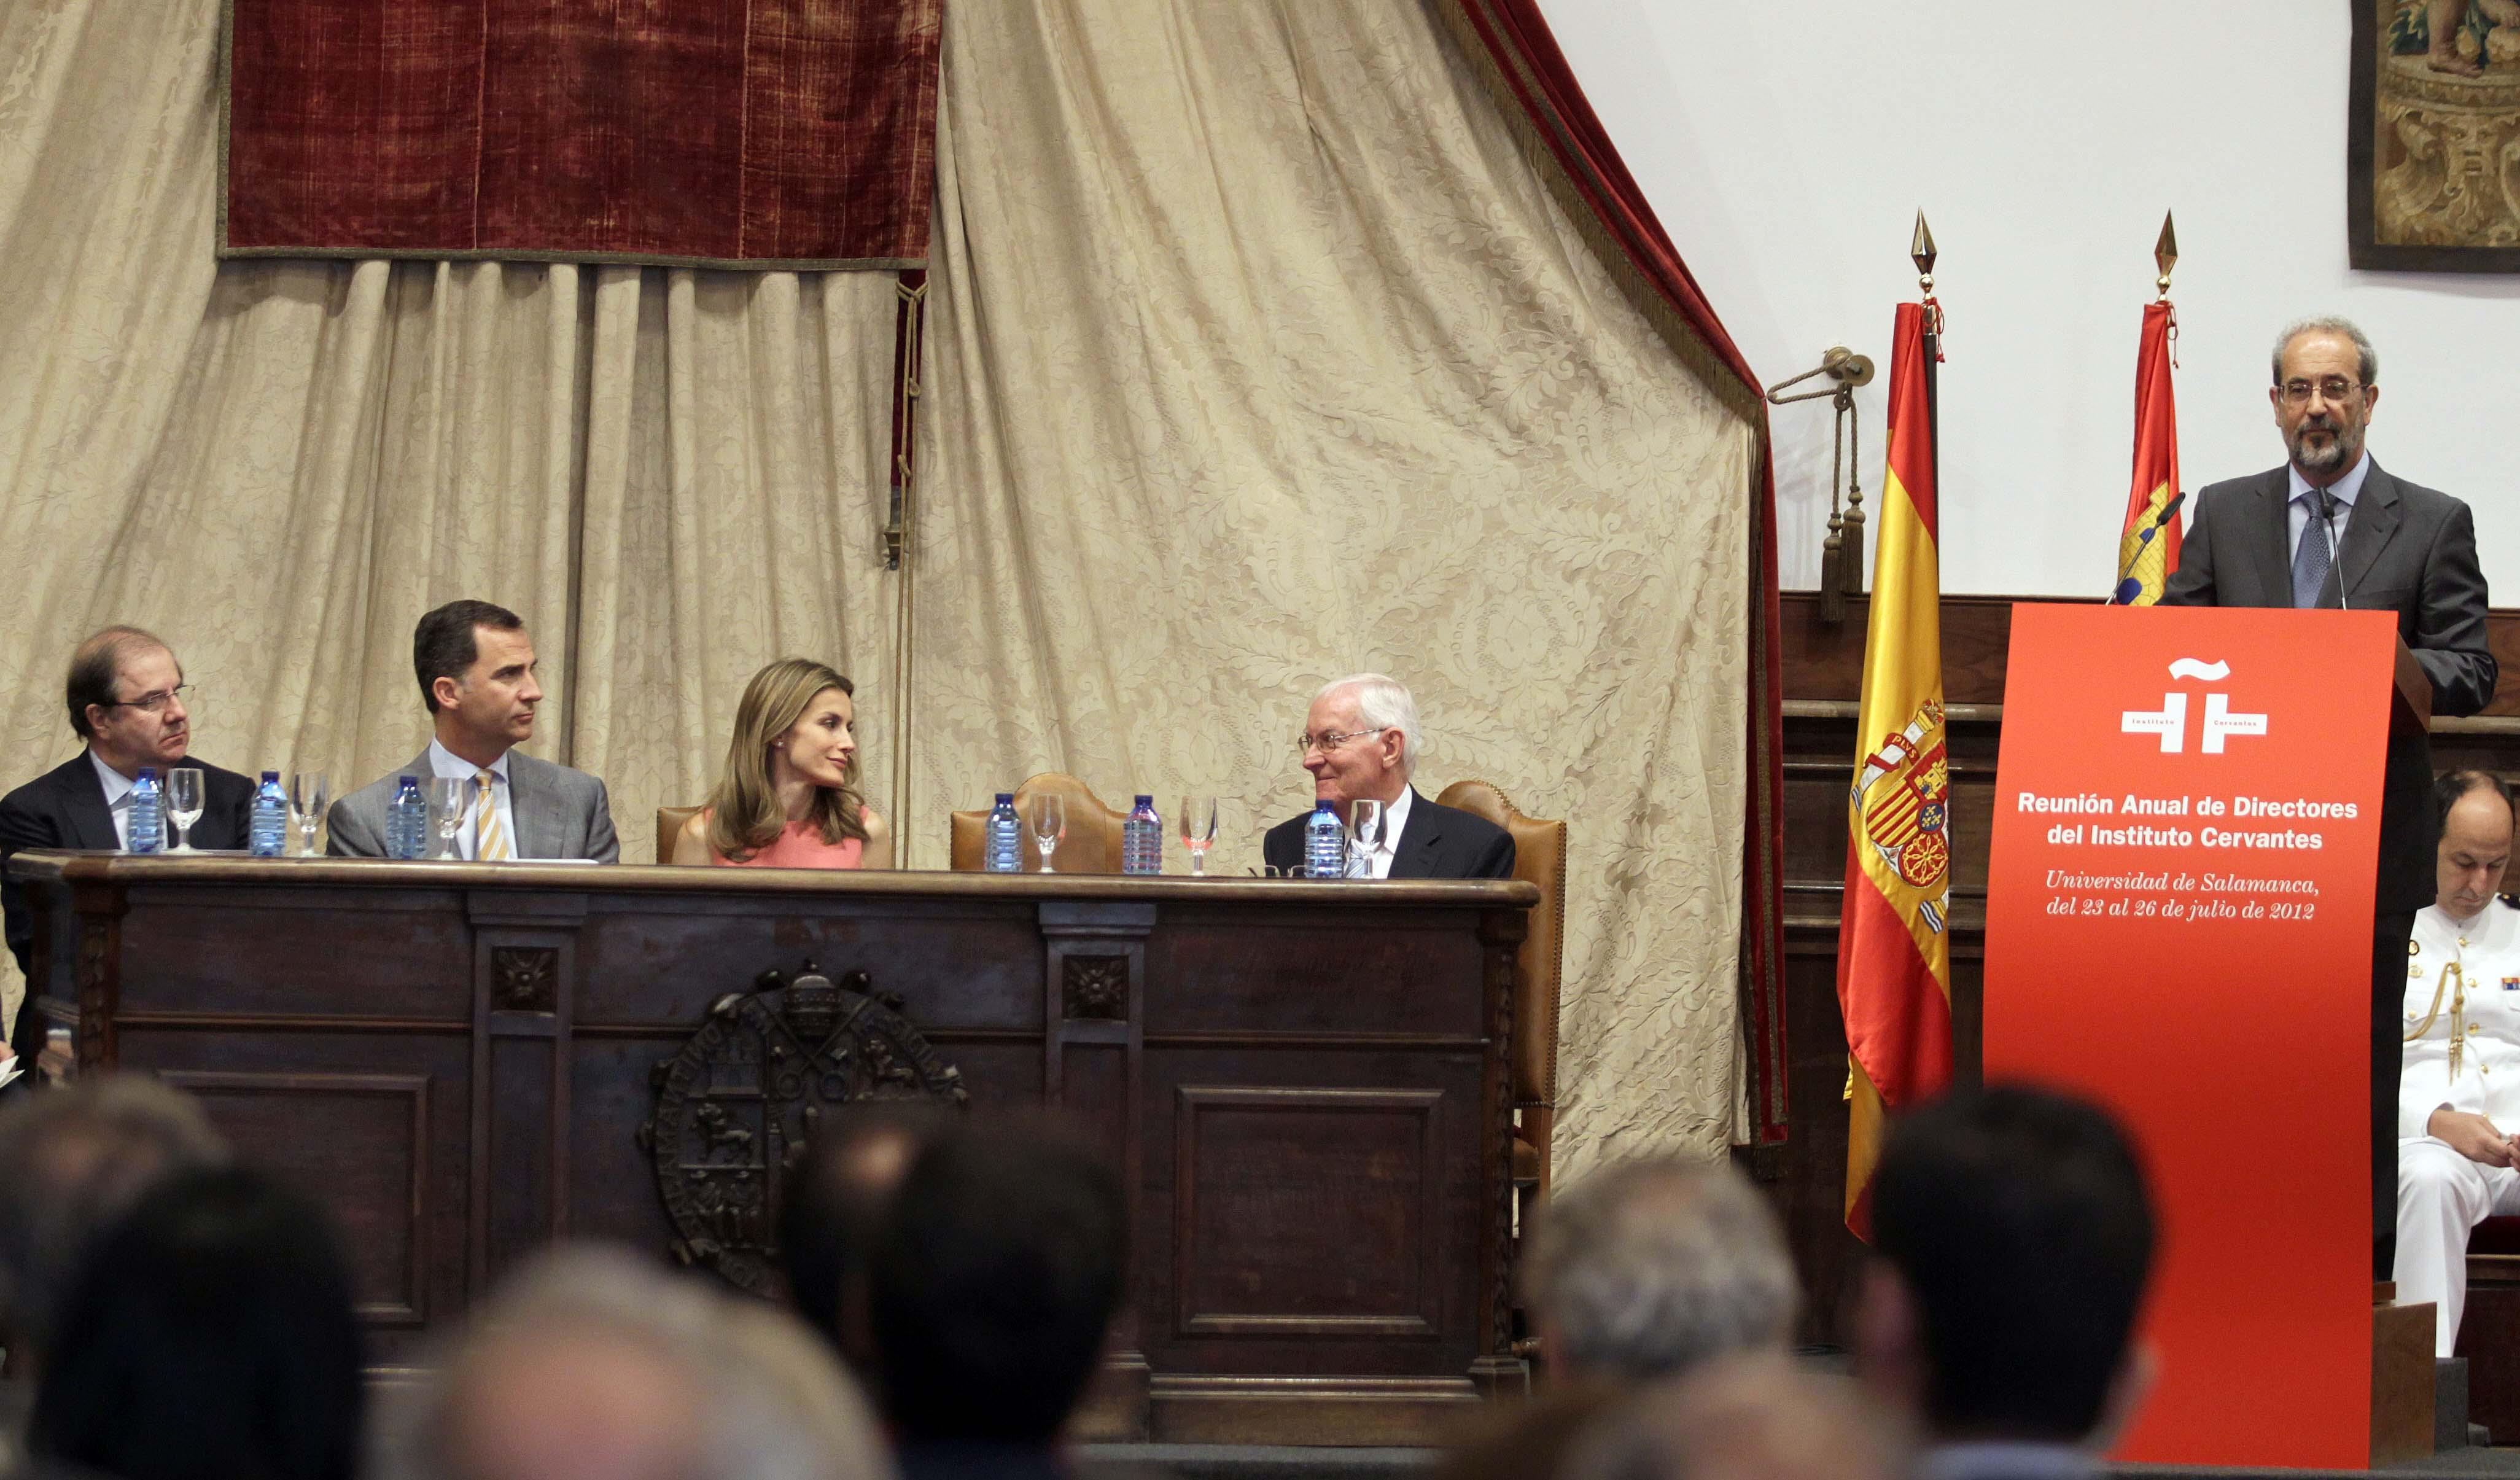 Los Príncipes inauguran en la Universidad de Salamanca la reunión de directores del Instituto Cervantes